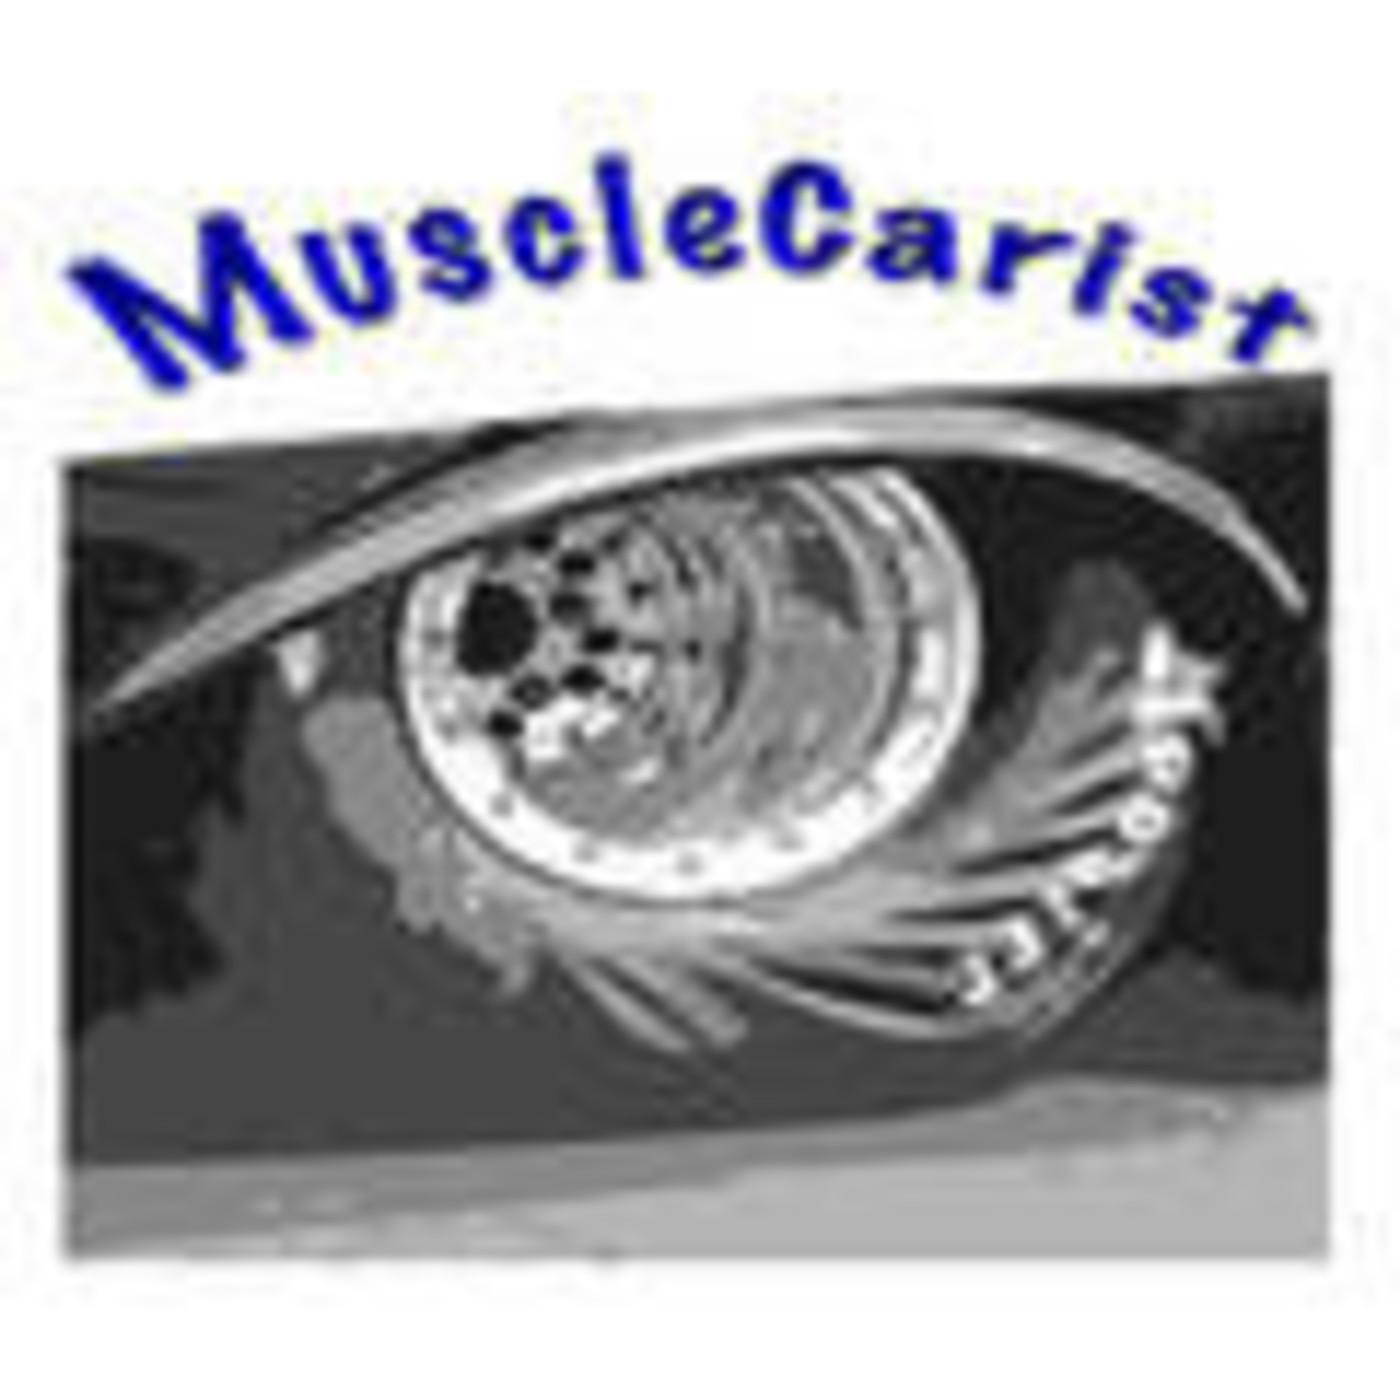 MuscleCarist